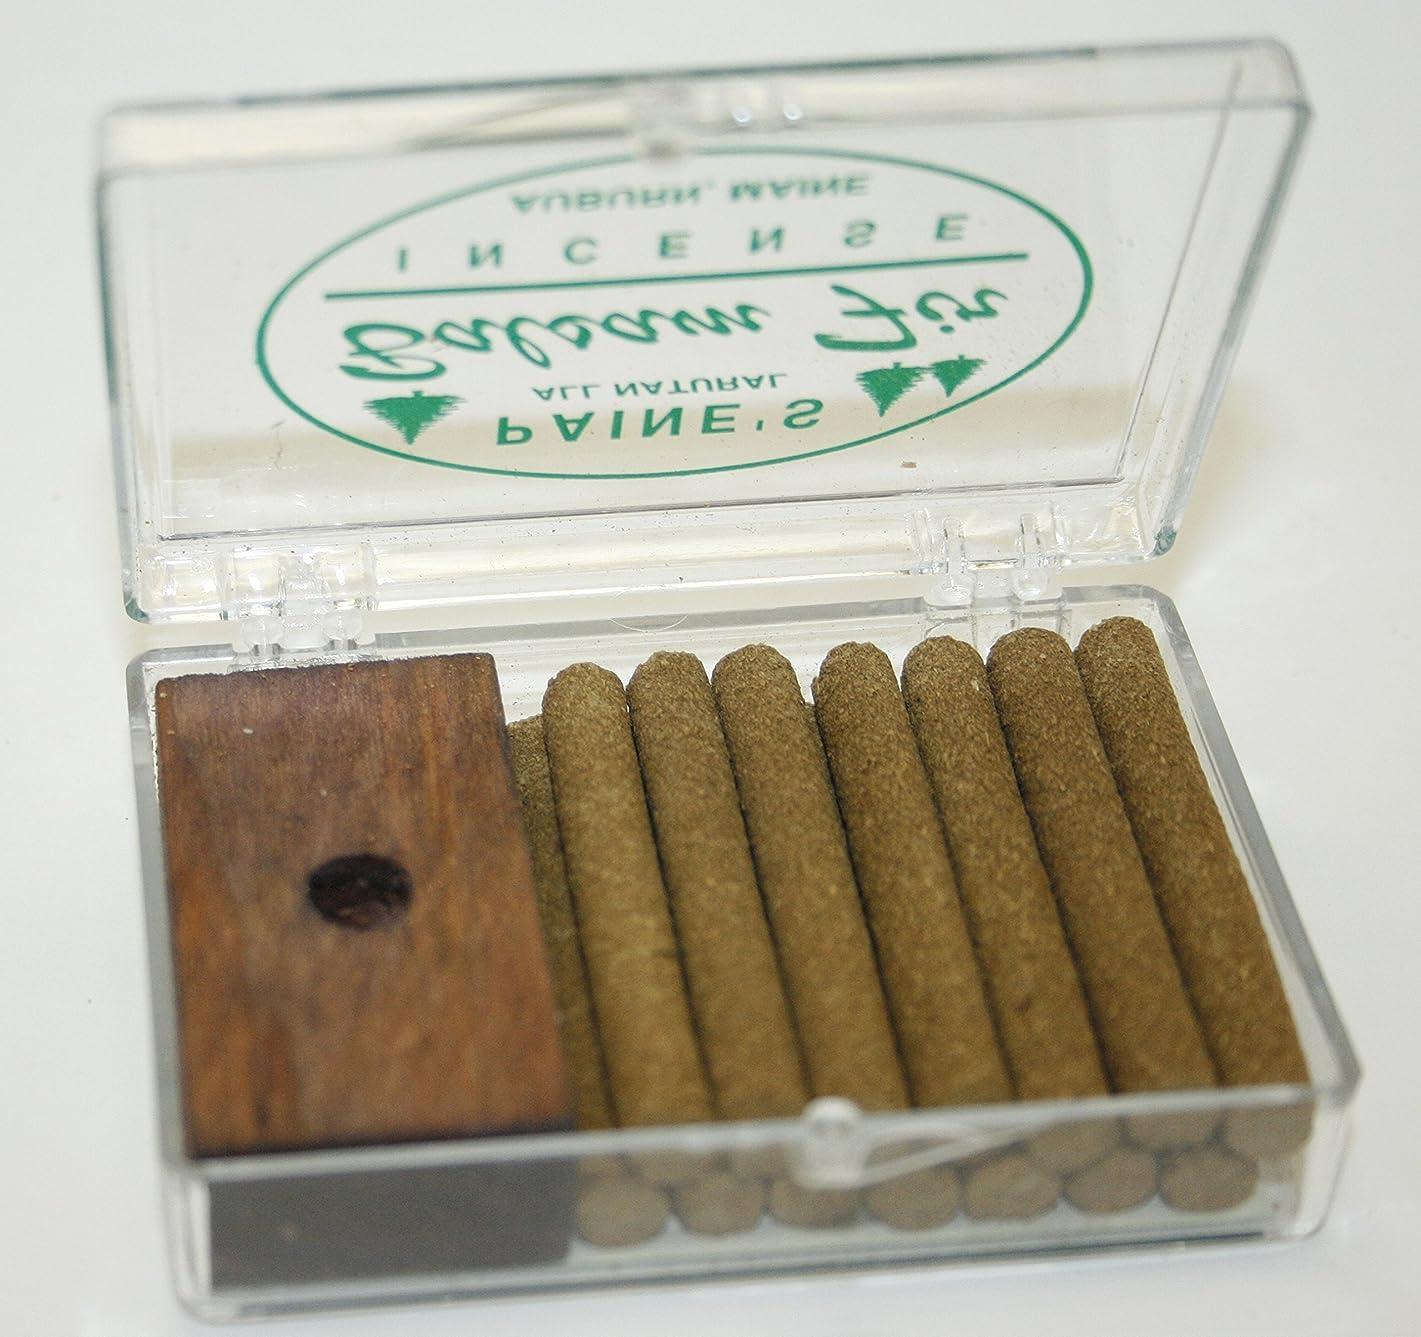 パドル急性食べるINCENSE & BURNER comes w/ 14 balsam fir sticks Paine's wood holder lodge style by Paine's